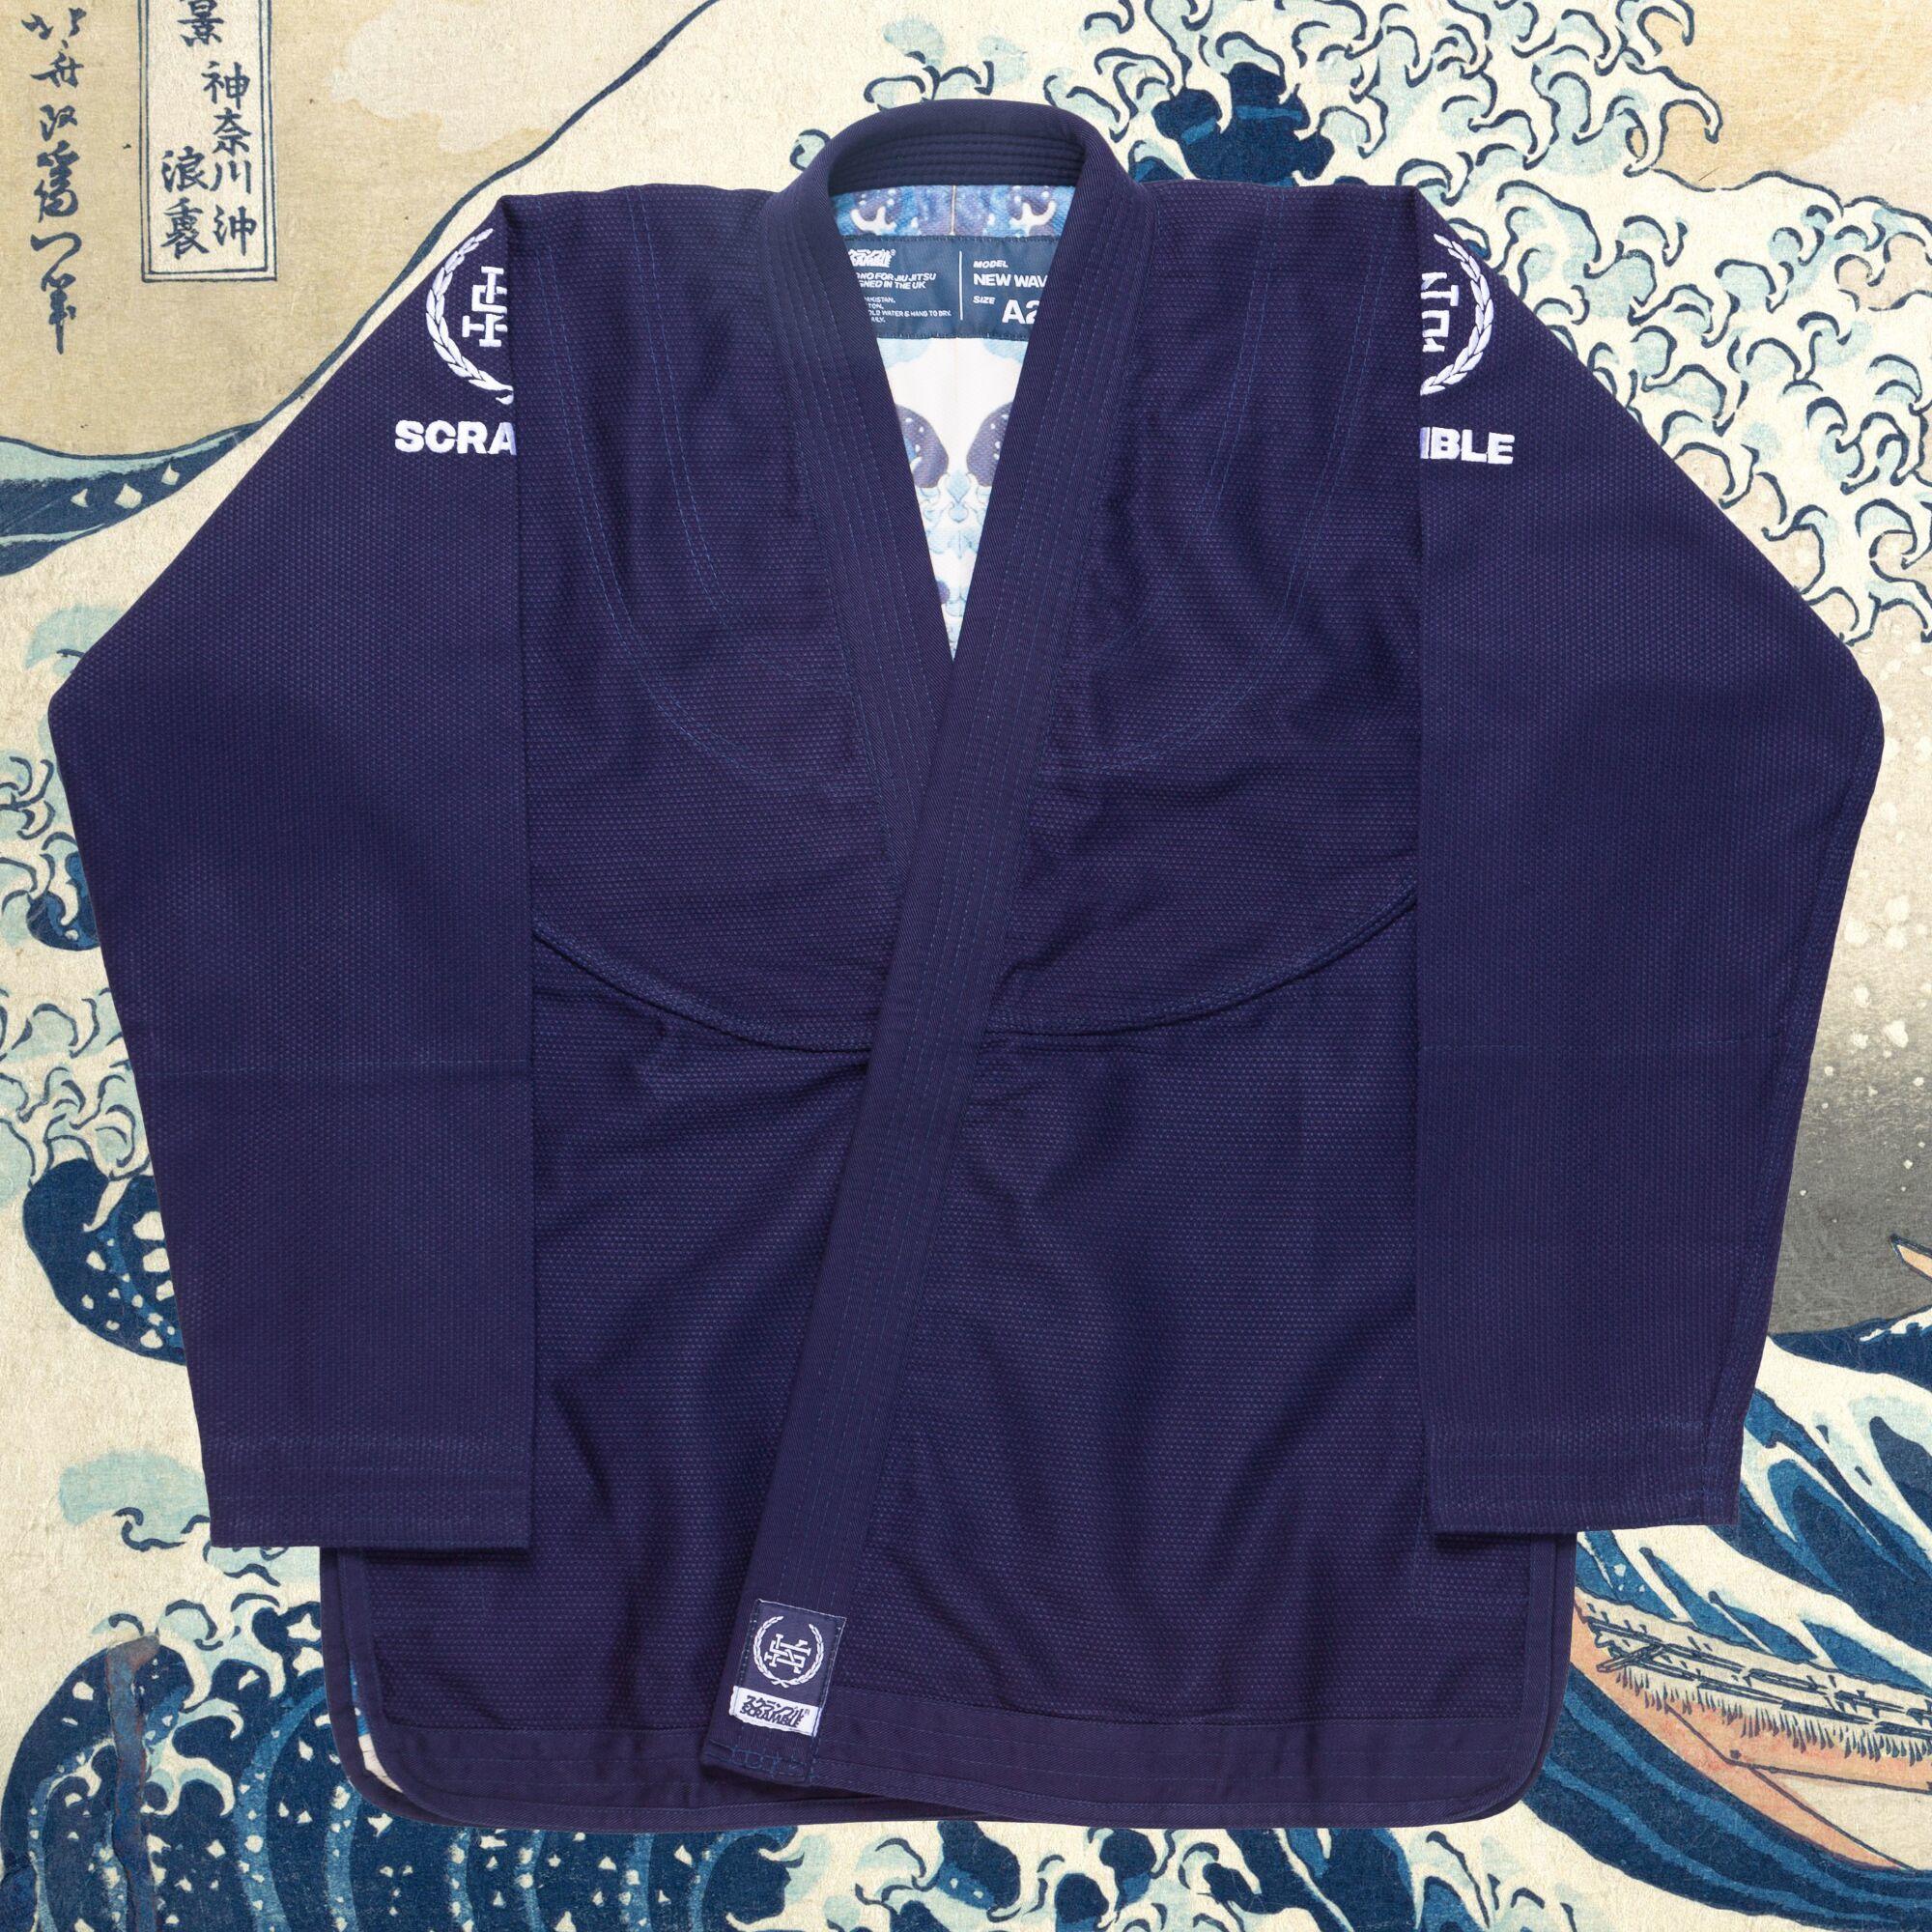 予約注文受付中!!! Scramble New Wave BJJ Kimono ネイヴィー|ブラジリアン柔術衣